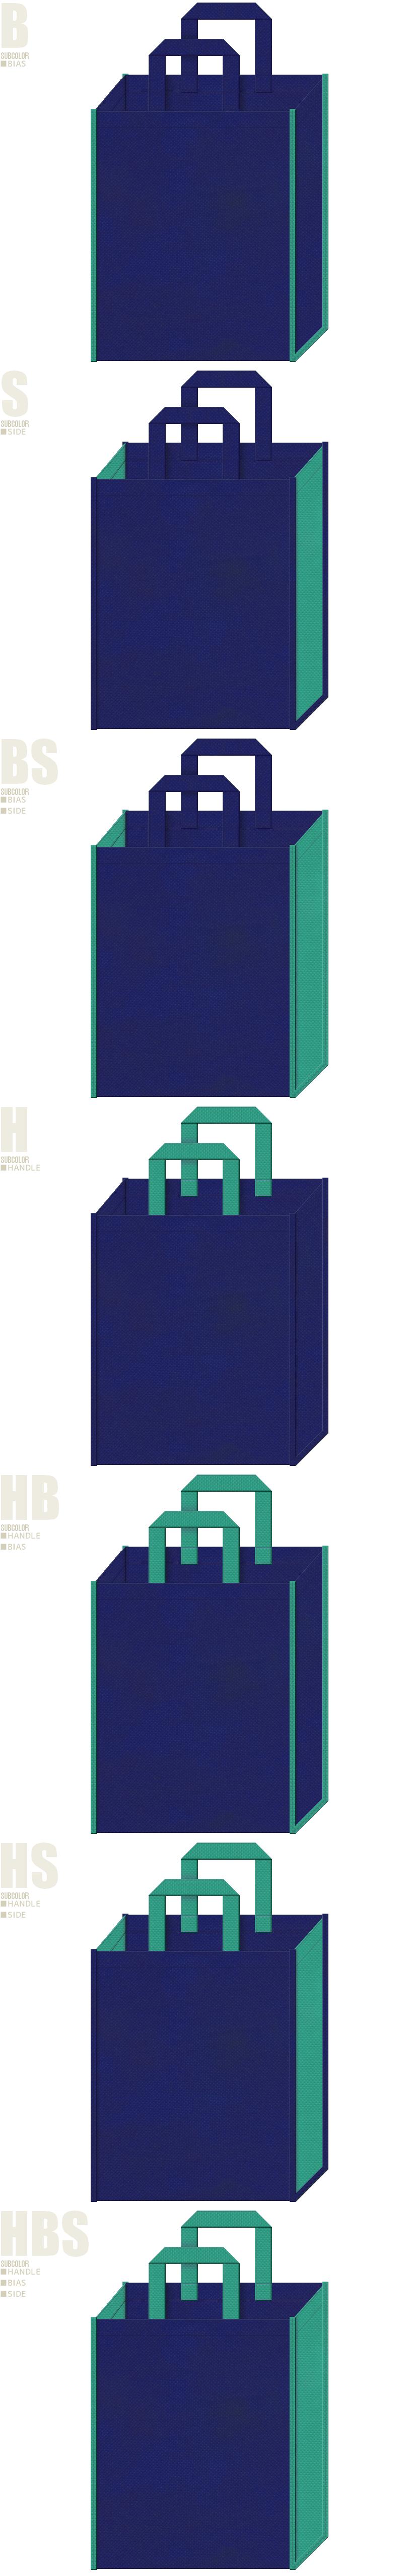 釣具・ダイビング用品の展示会用バッグにお奨めの不織布バッグデザイン:明るい紺色と青緑色の不織布バッグ配色7パターン。